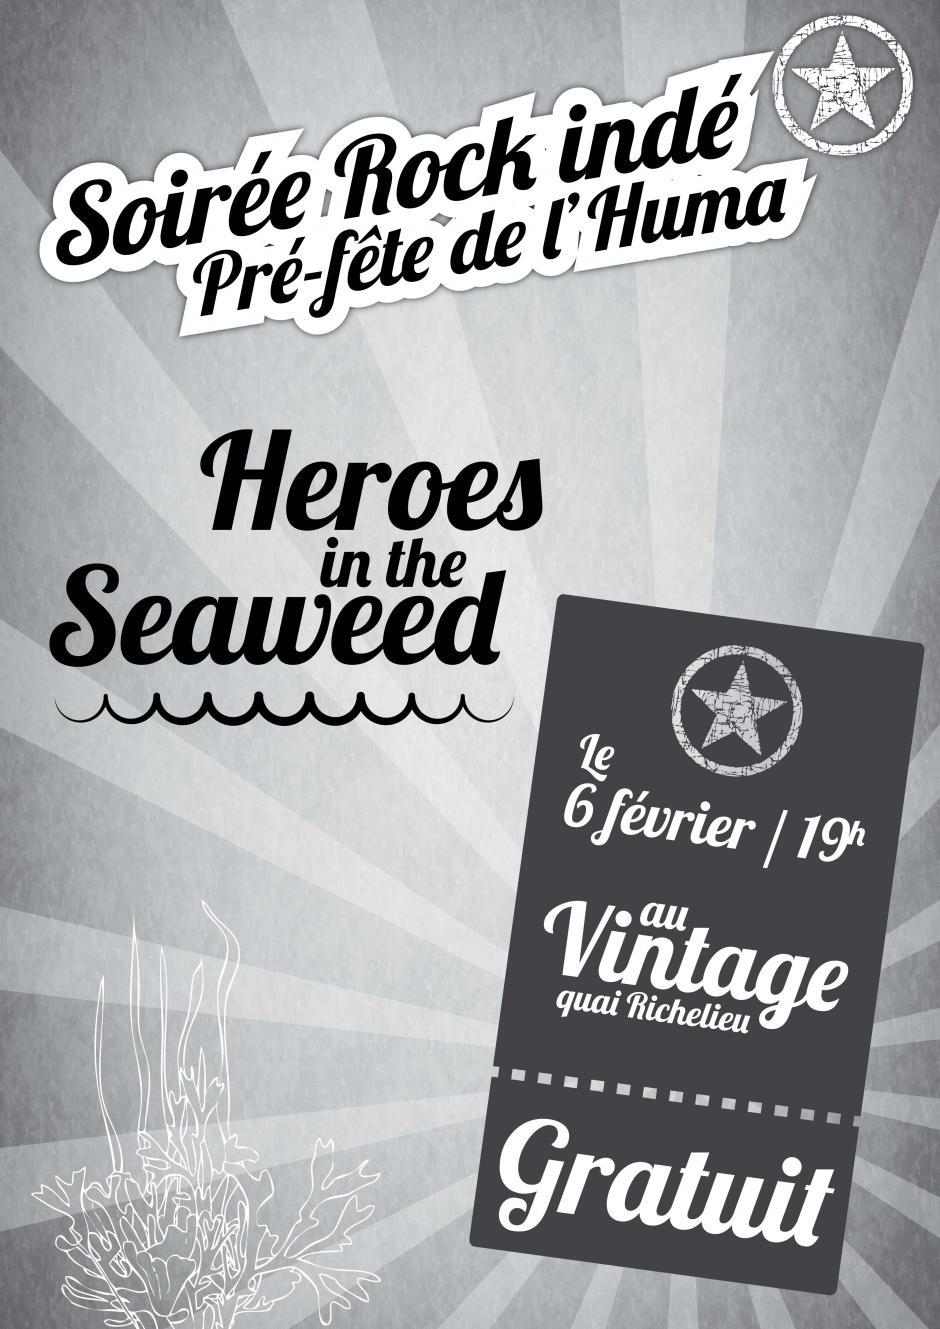 6 février: Soirée Rock indé pré-fête de l'Humanité Gironde au Vintage organisée par la JC